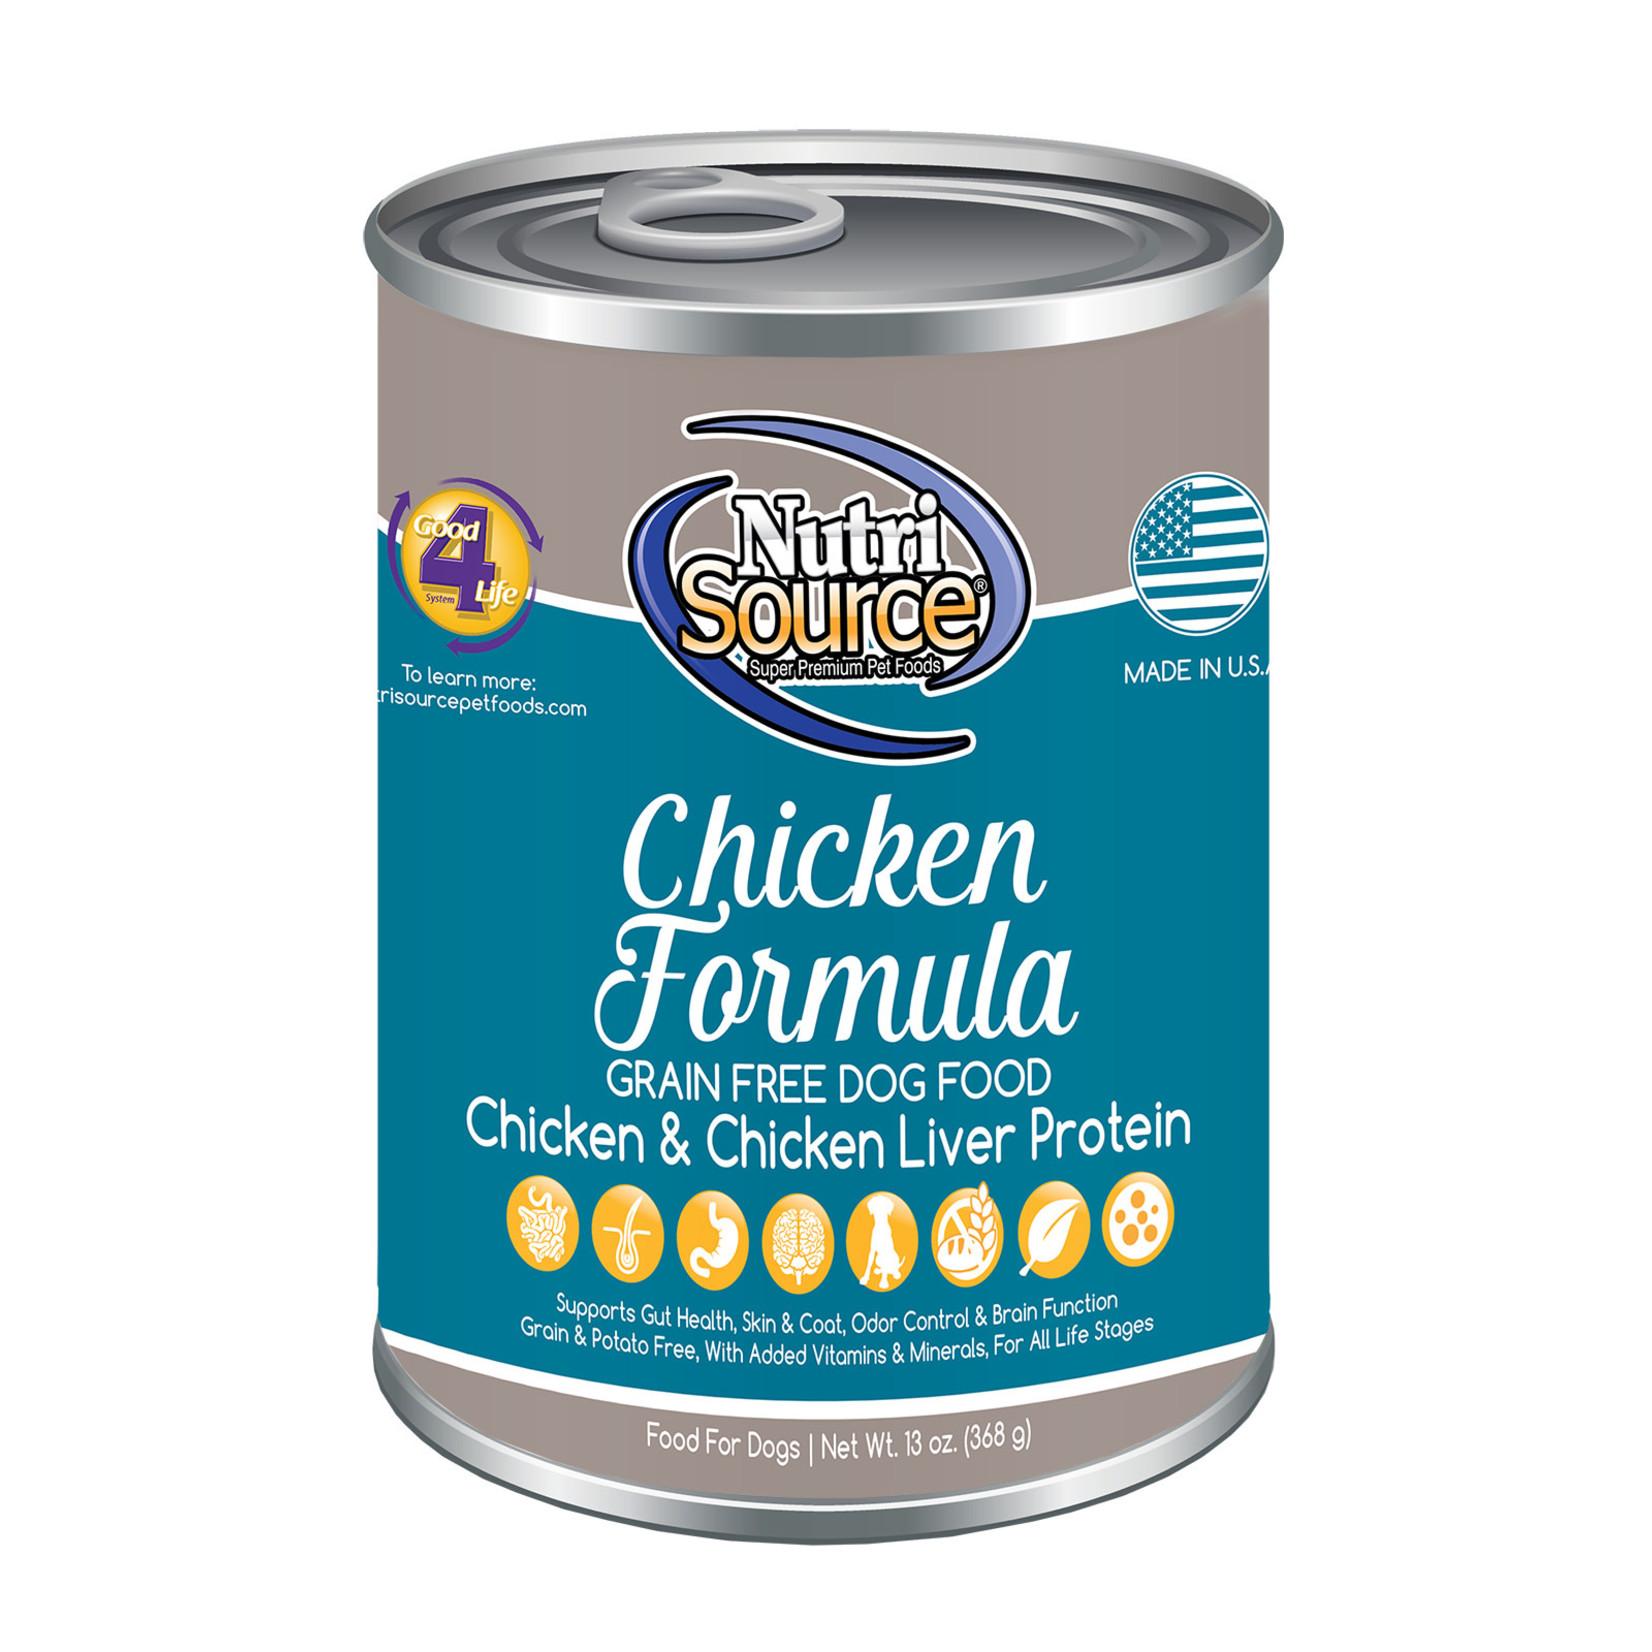 Nutrisource NutriSource Chicken Canned Dog Food 13oz